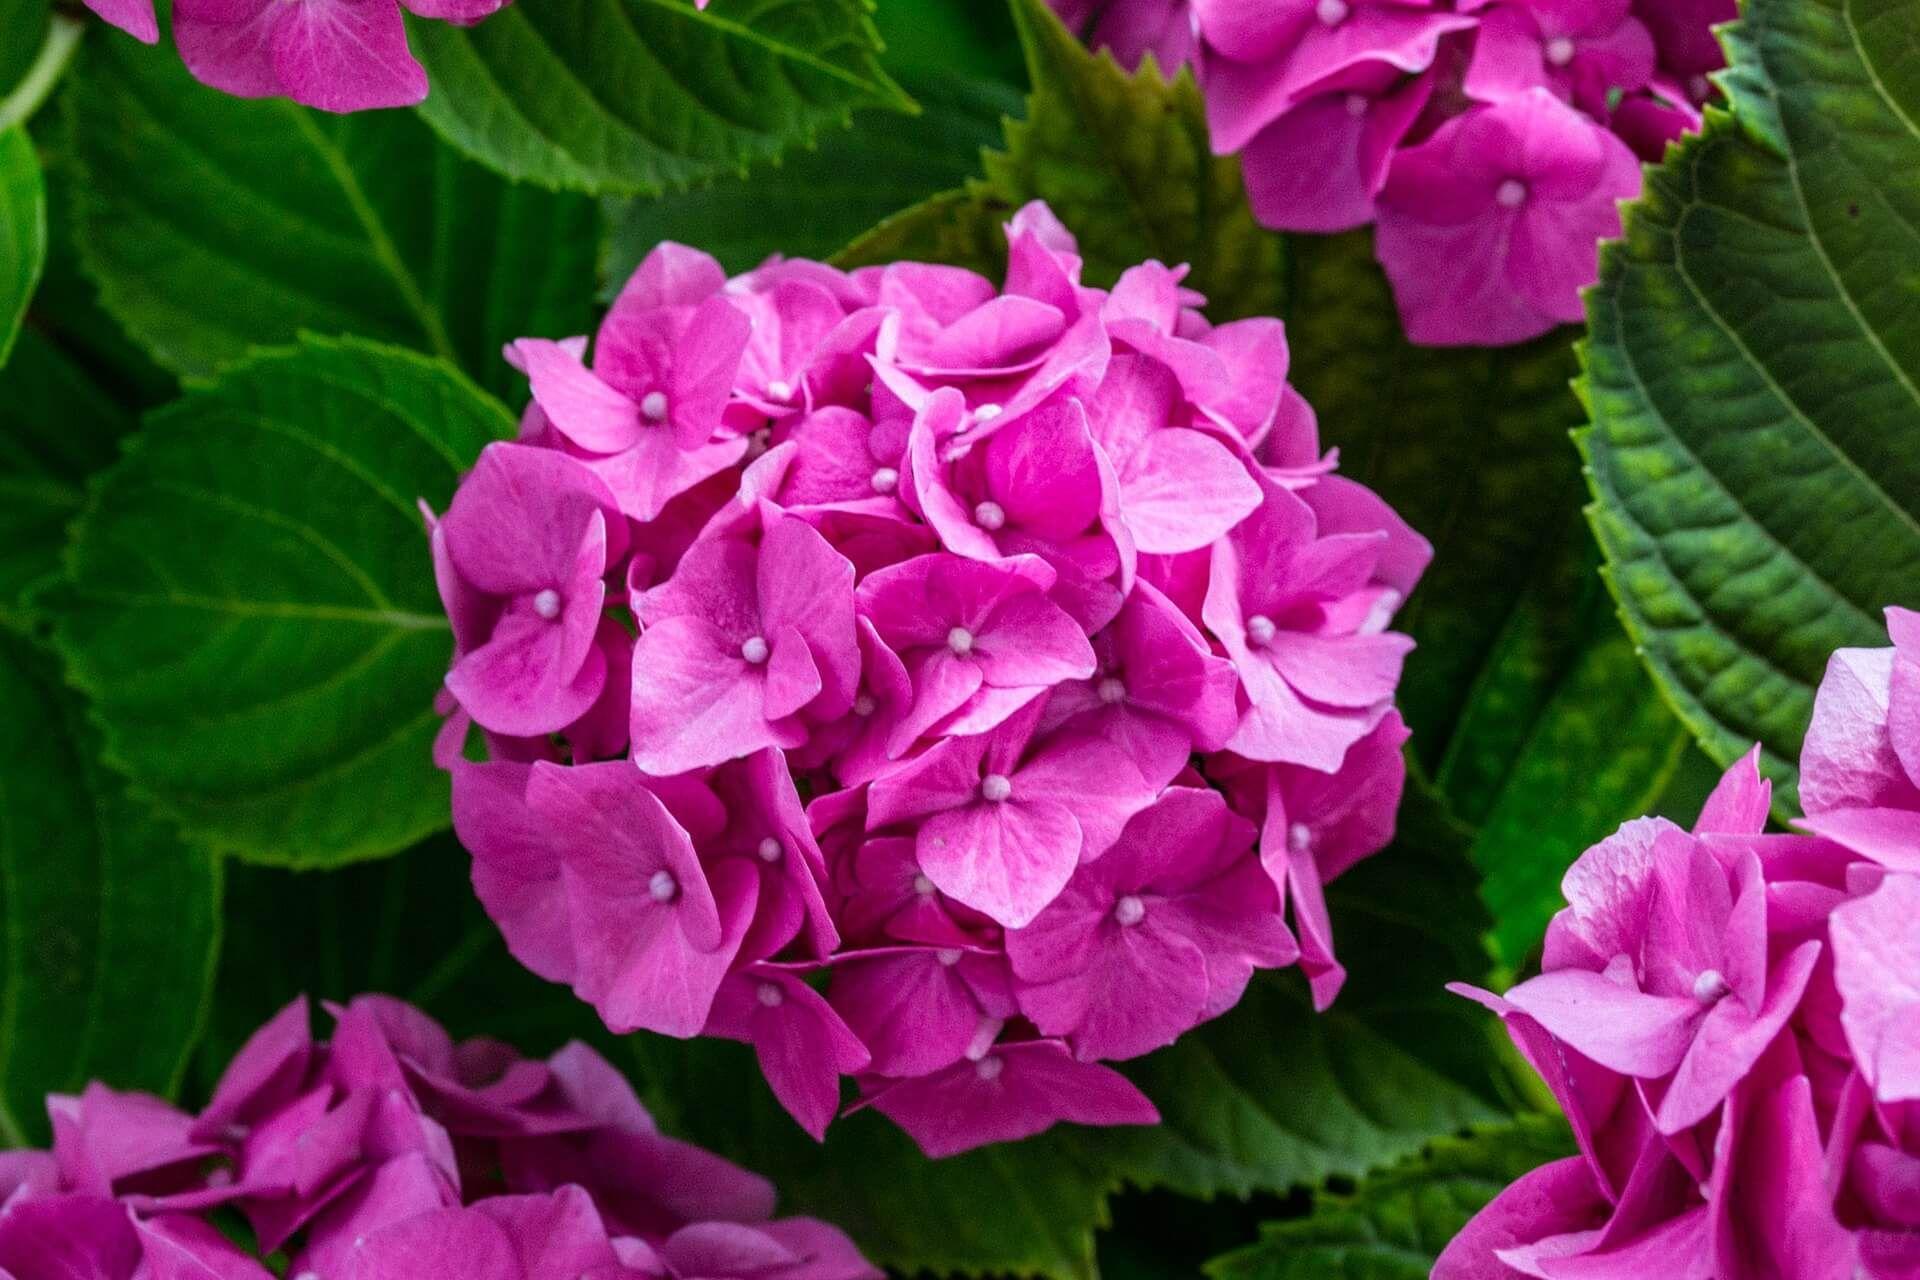 En Güzel çiçek Resimleri Güzel çiçekler